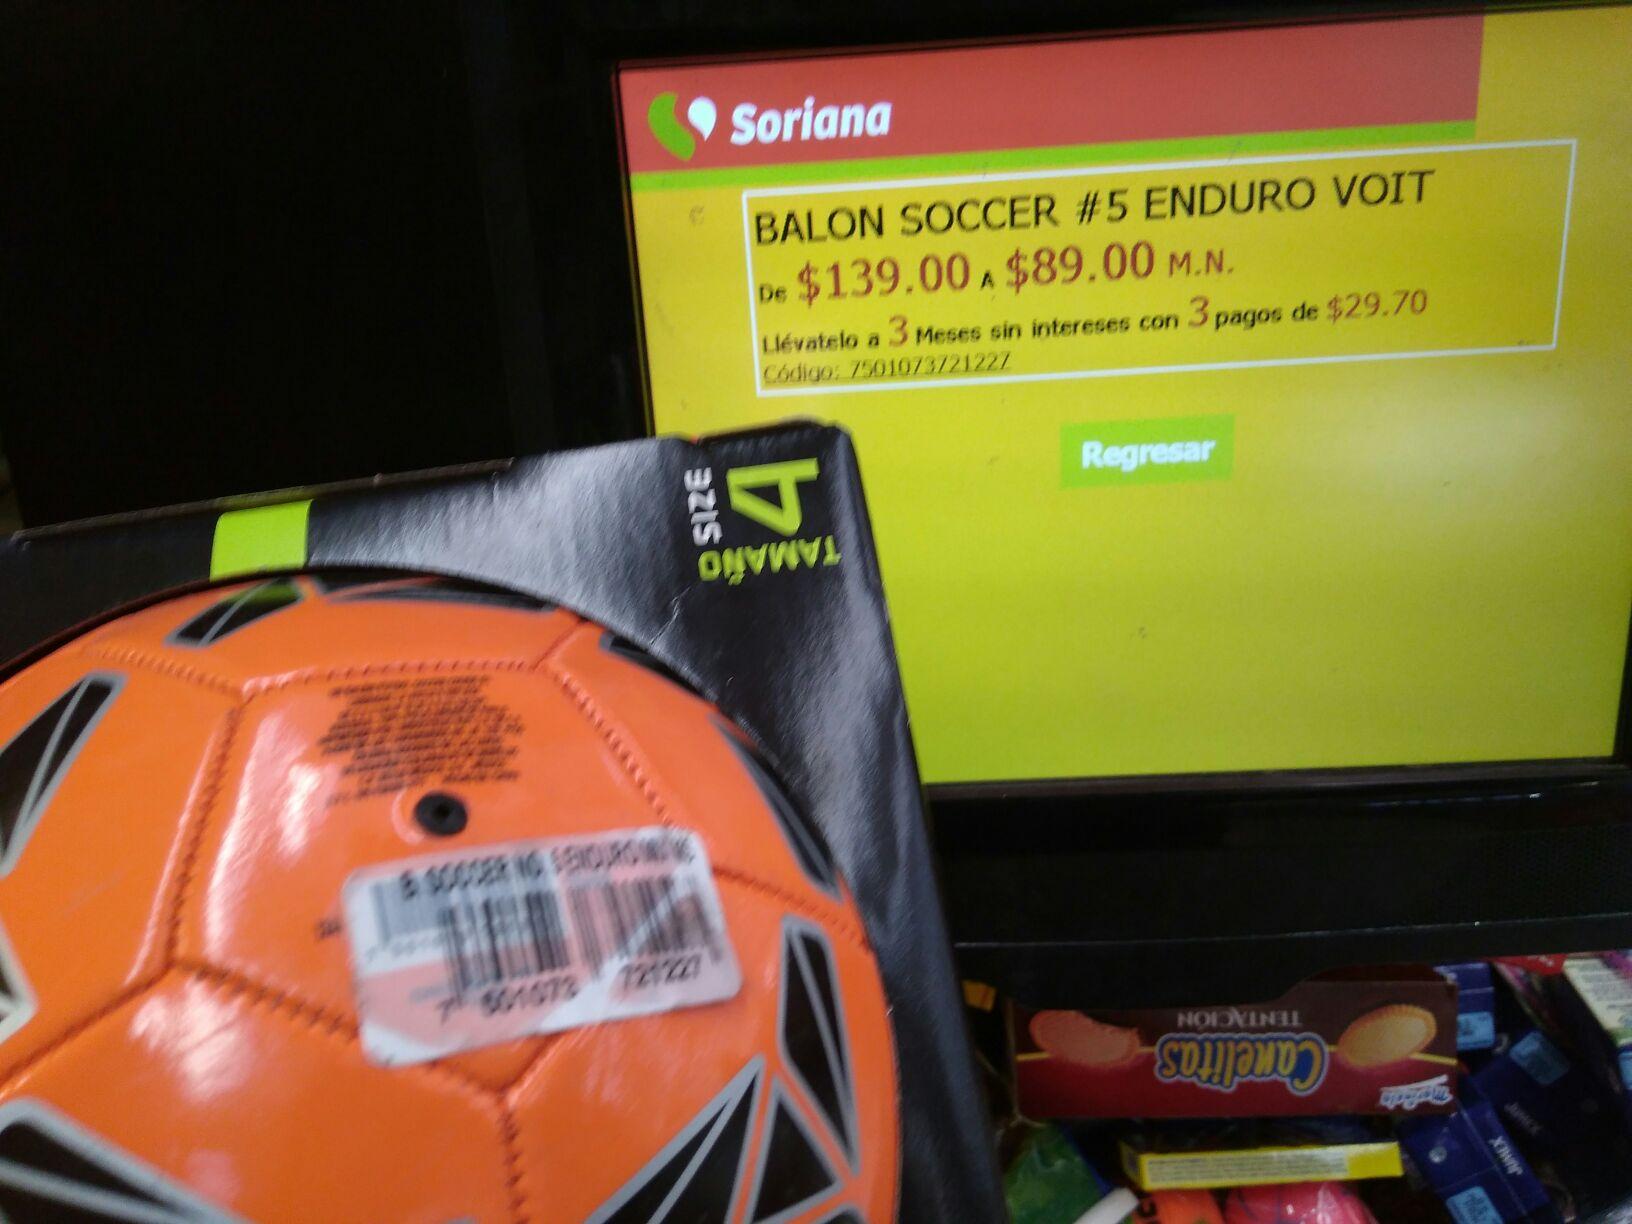 SORIANA: Balón Voit #4